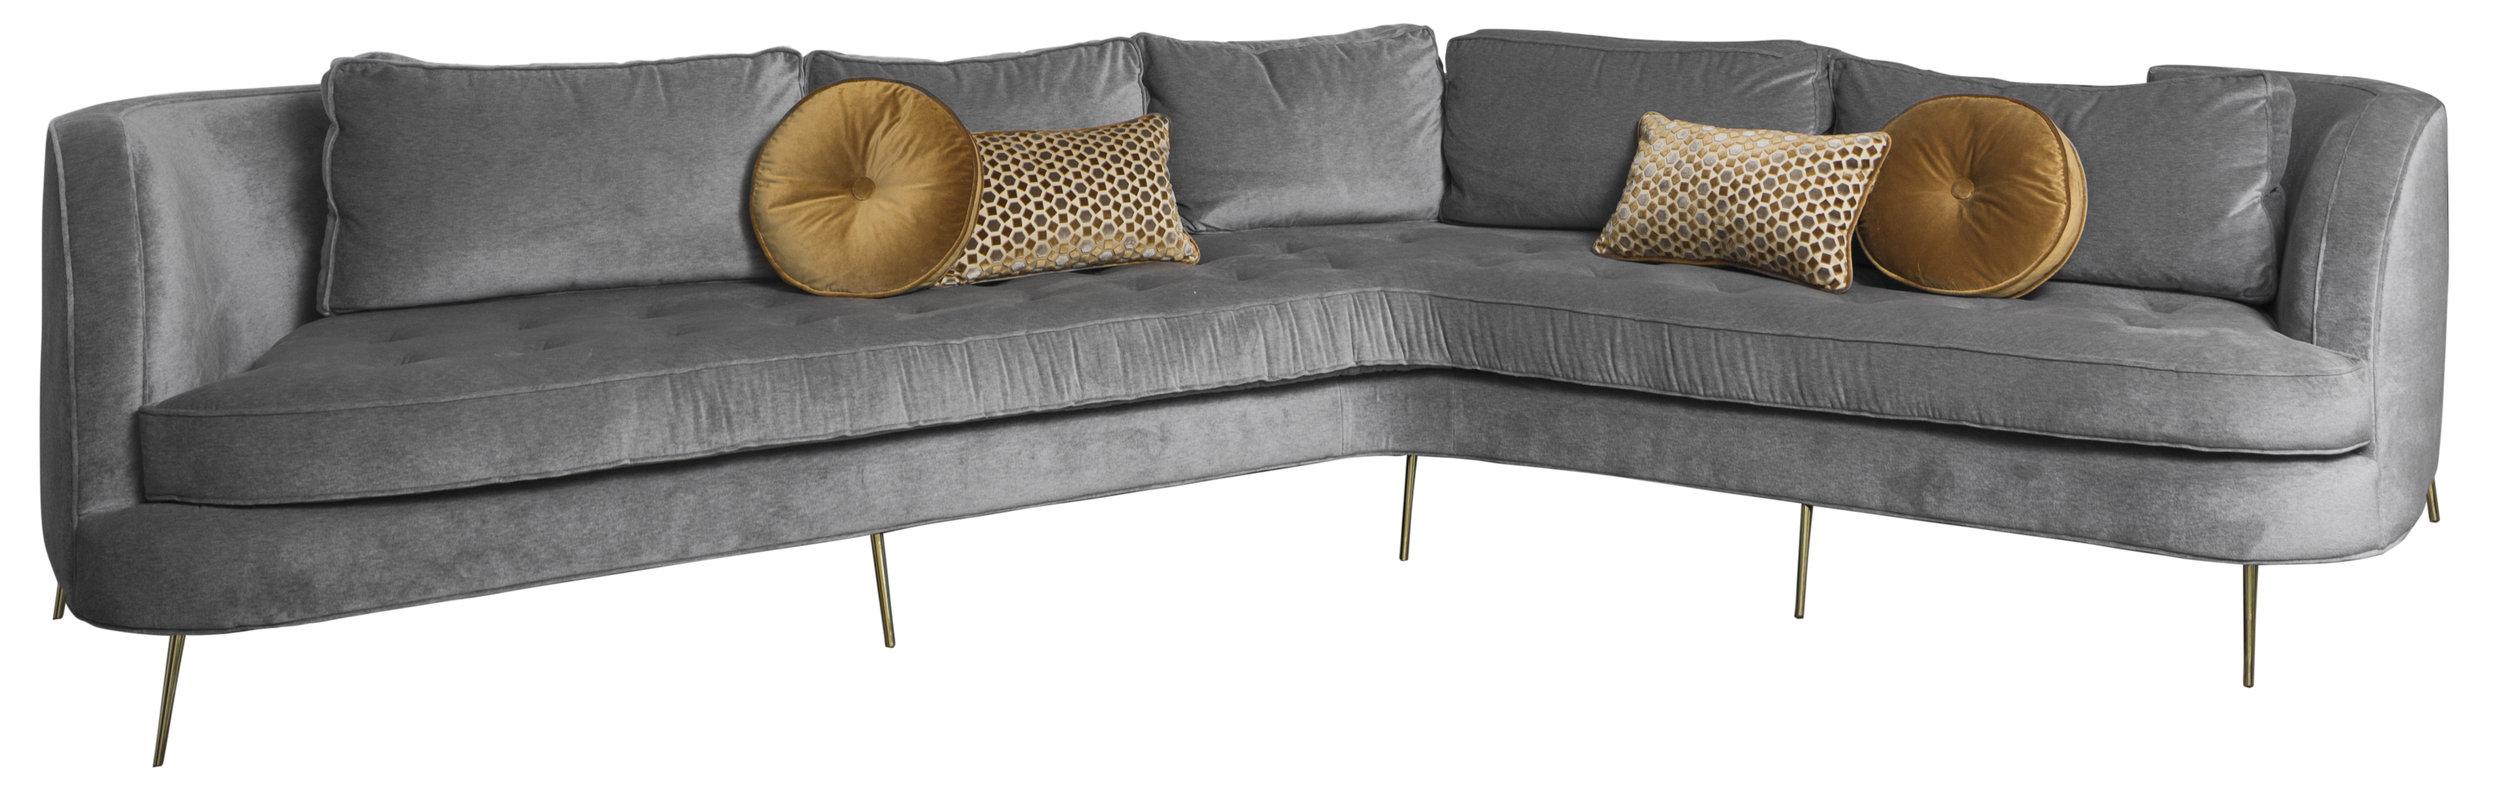 Varenna Sofa 1.jpg